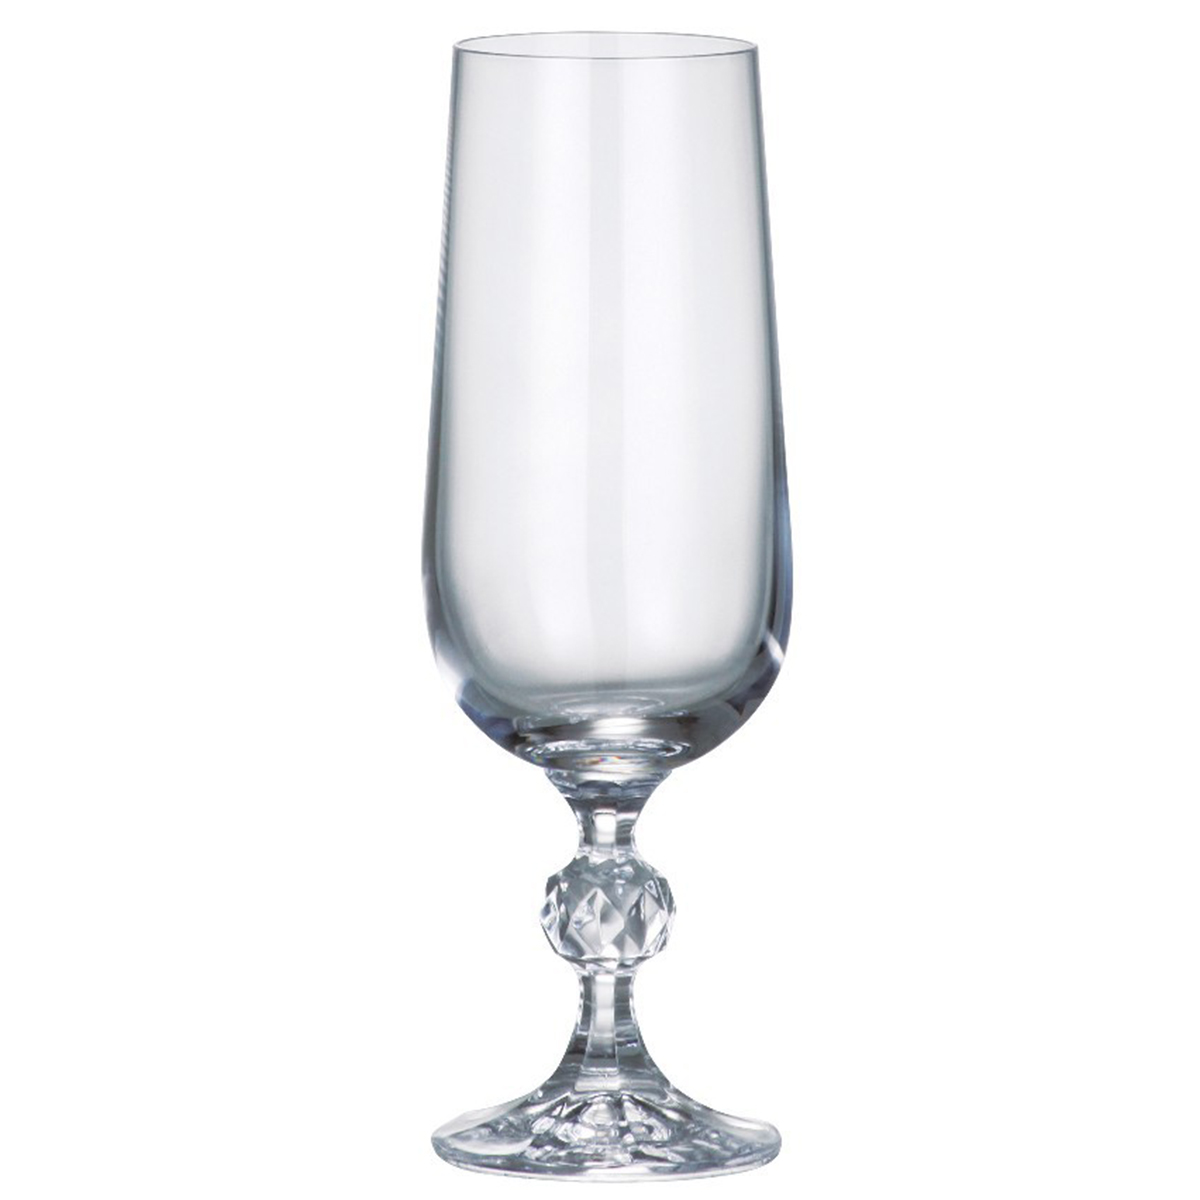 Набор бокалов для шампанского Bohemia Crystal Клаудия, 180 мл, 6 шт. 40149/18040149/180Набор бокалов для шампанского Bohemia Crystal коллекции Клаудия изготовлен из хрустального высококачественного богемского стекла, славящегося своим высоким качеством. Эксклюзивная коллекция Клаудия - это роскошная классика. Ножка выполнена с декоративным элементом в виде граненого шара. Набор станет отличным выбором для богатой сервировки стола. Объем бокала 180 мл. Количество в упаковке 6 шт.